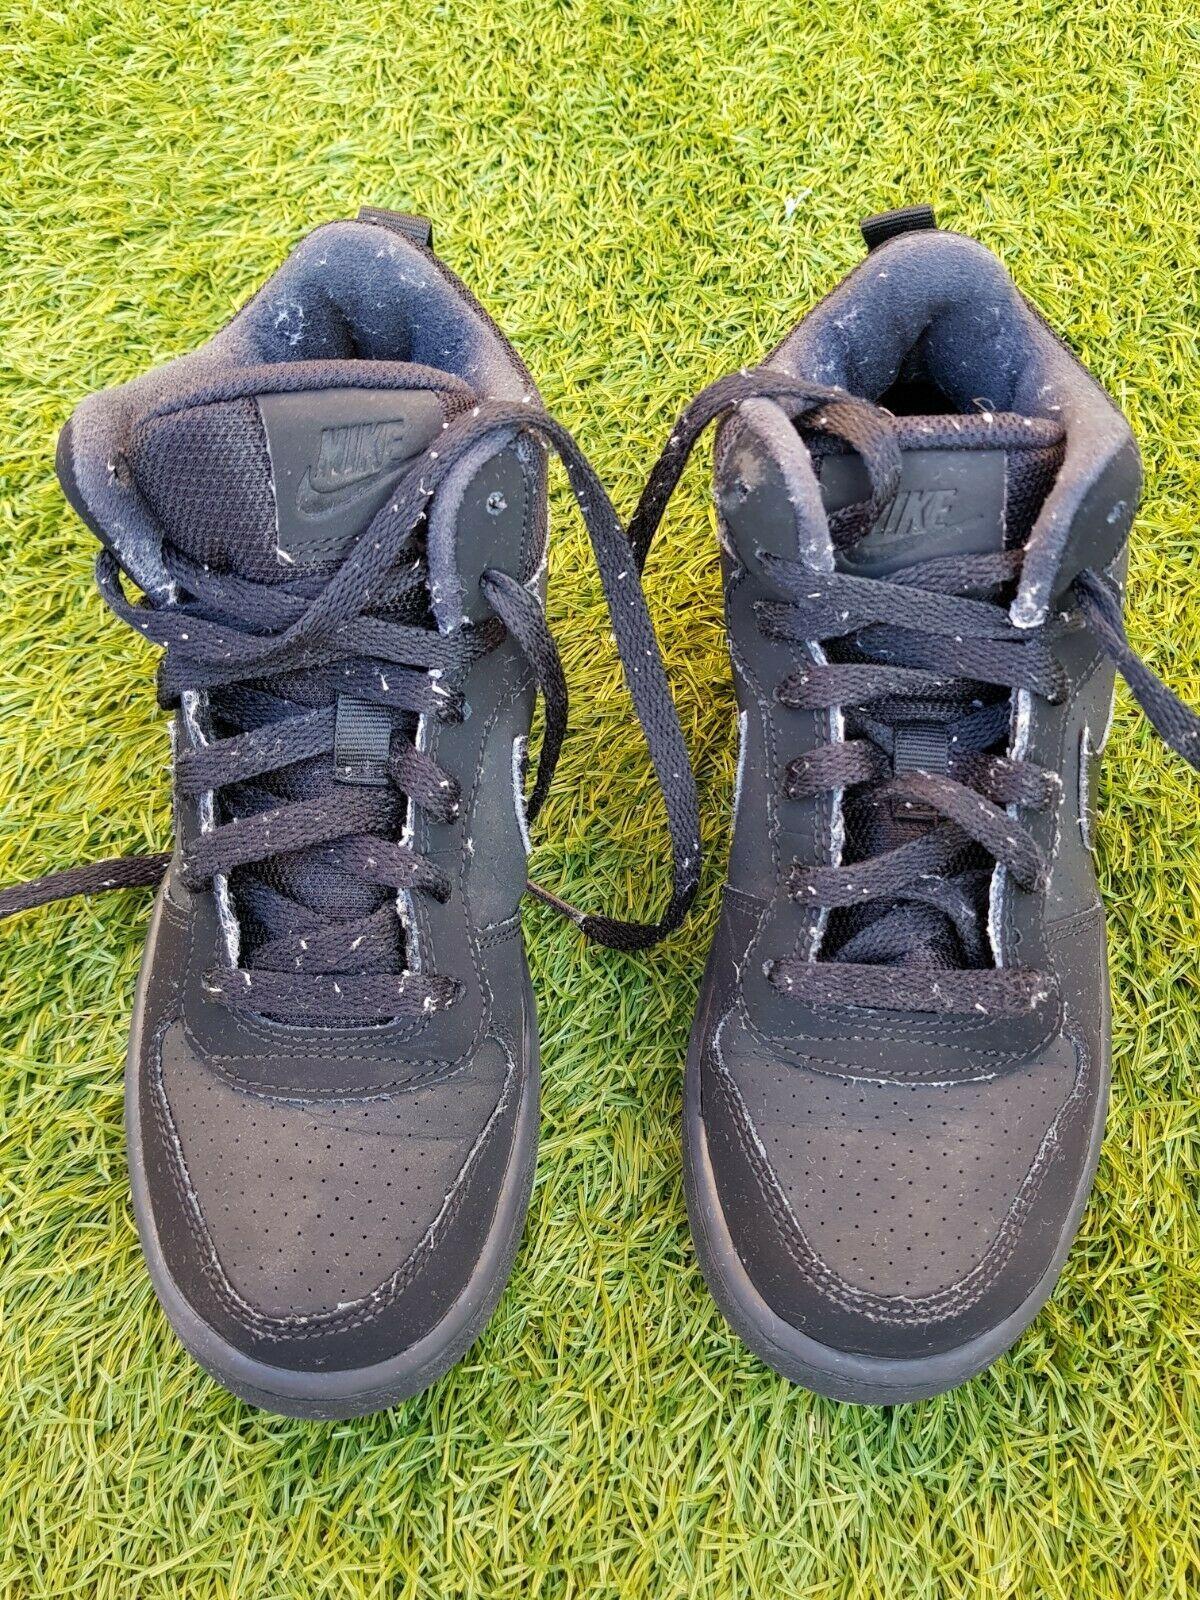 Boys Girls Unisex Nike Shoes Trainers Size Uk 3 Us 3 5y Eur